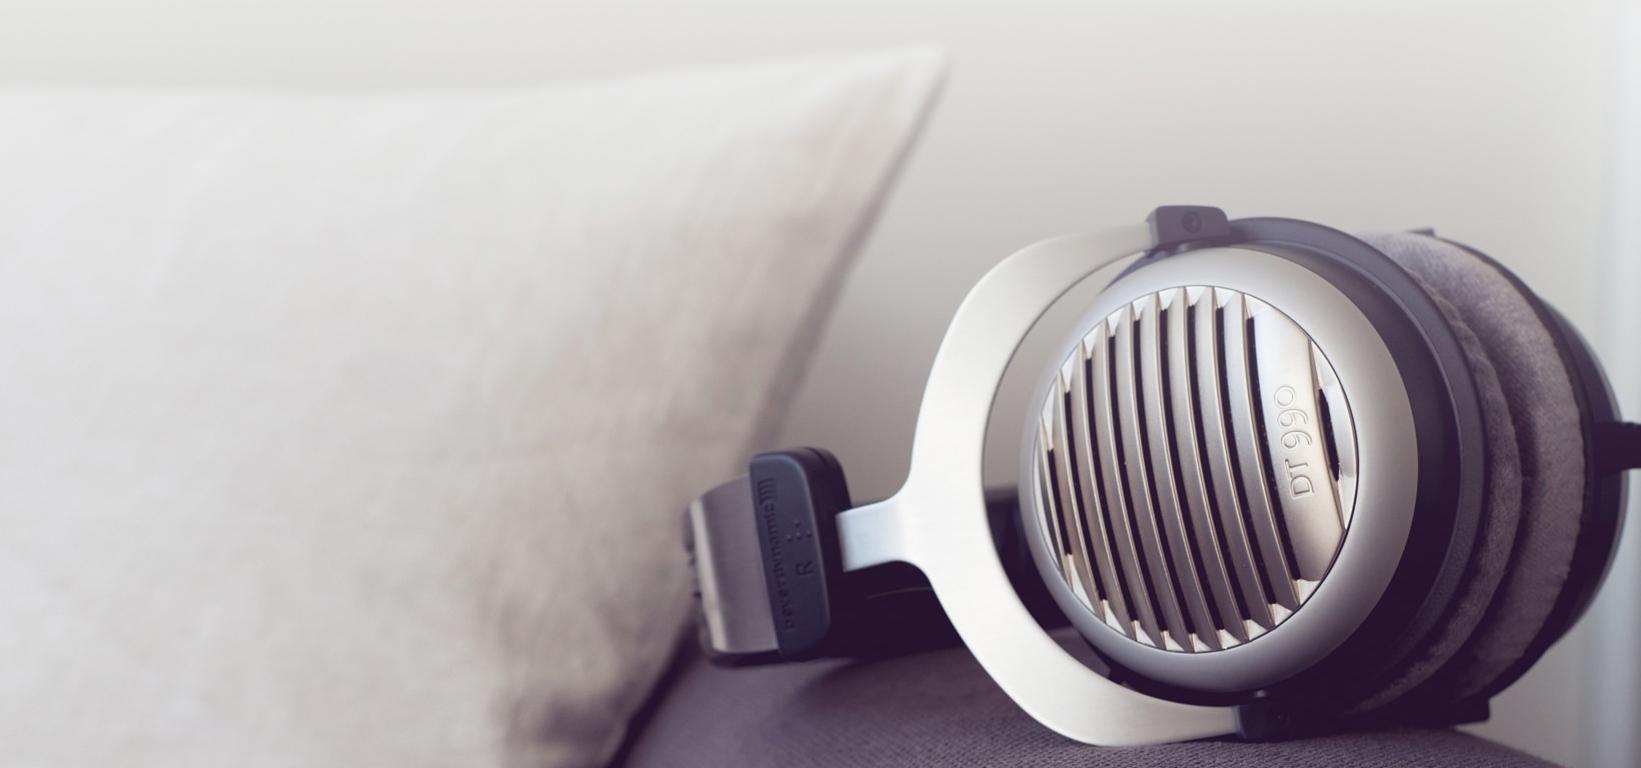 Слушалки beyerdynamic DT 990 Edition - hi-fi, сиви